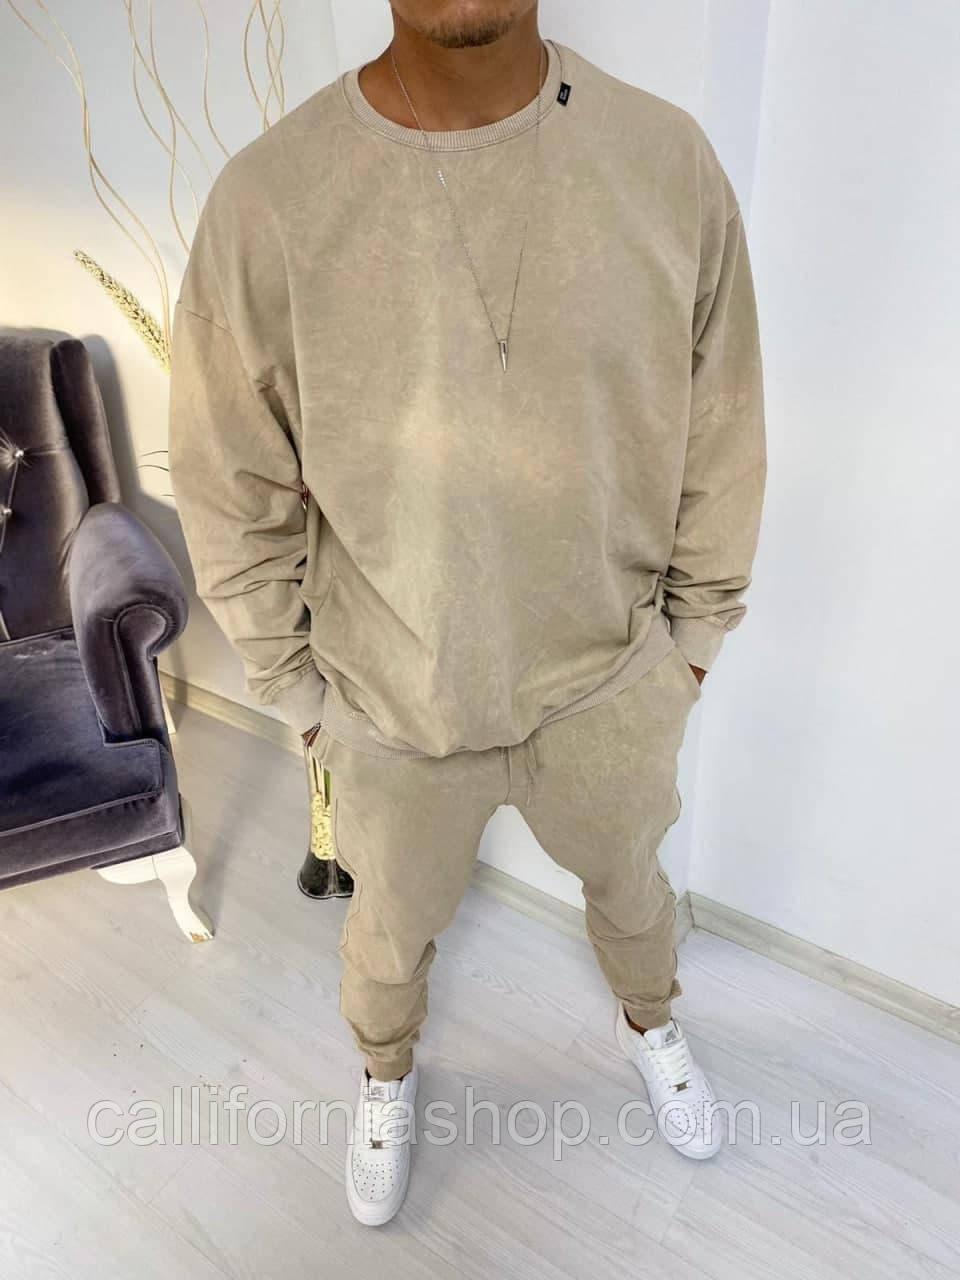 Костюм чоловічий оверсайз двійка світшоти штани бежевого кольору варенка